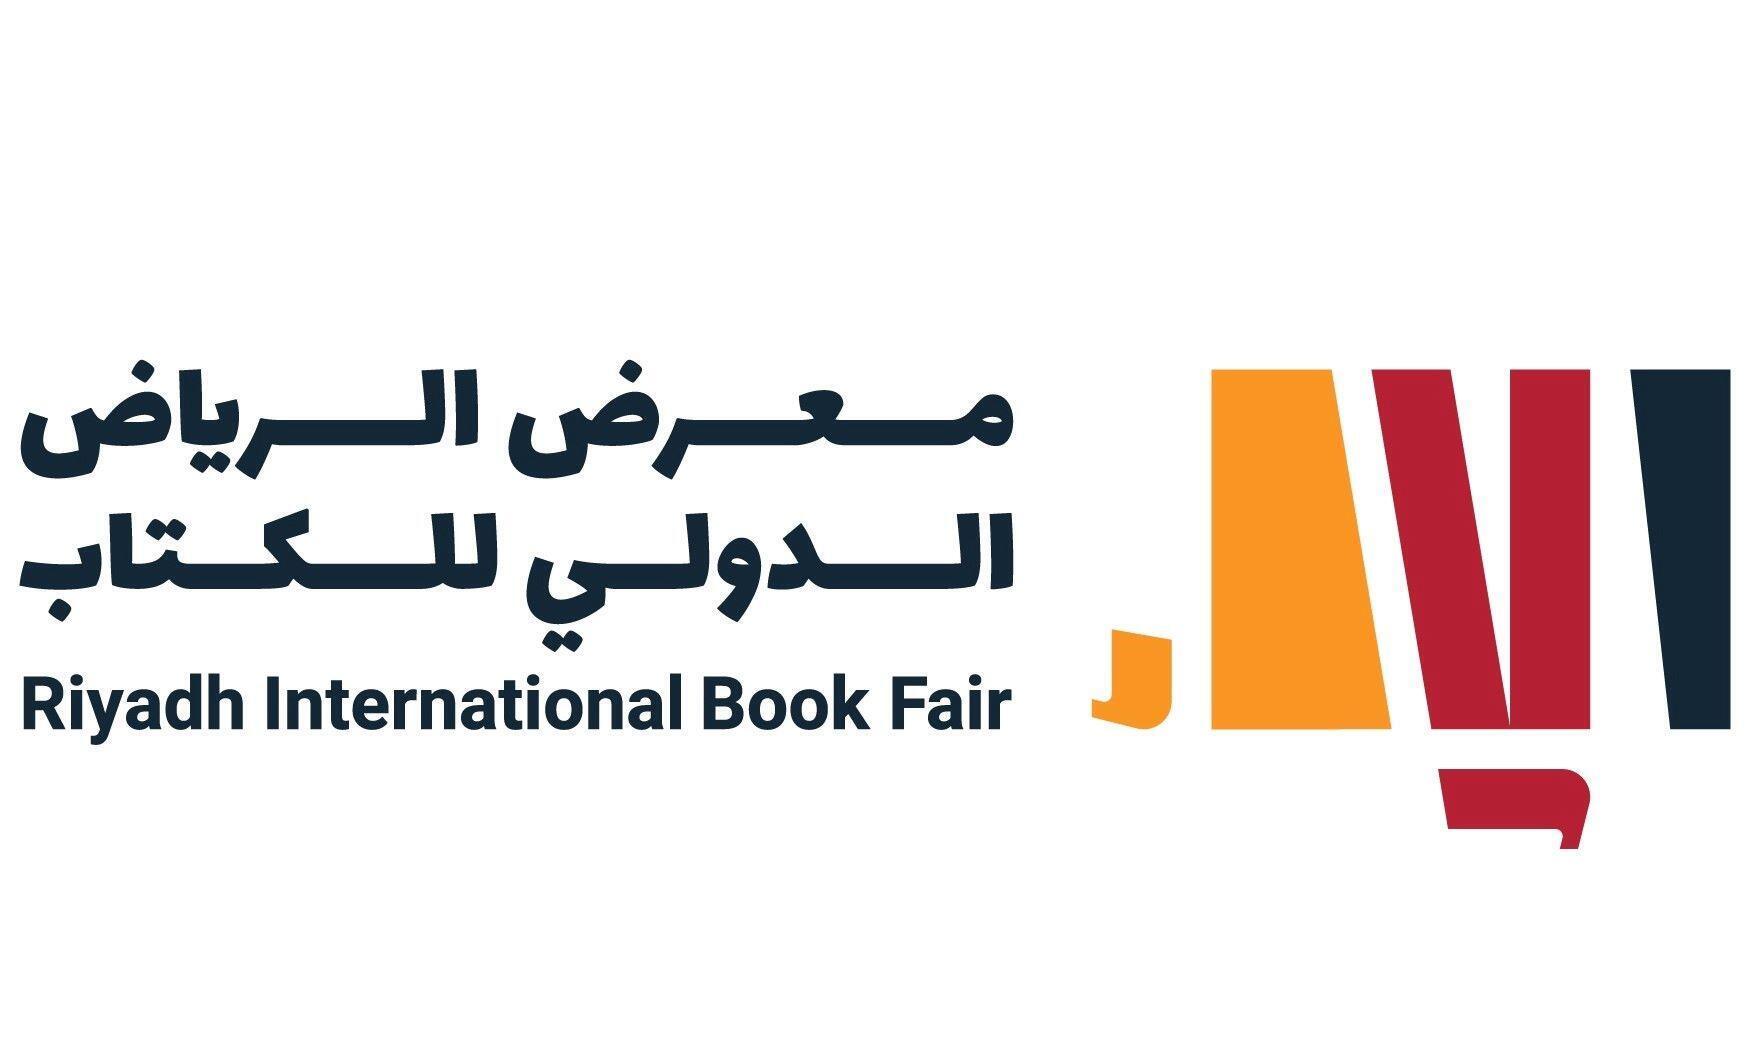 riyadh_international_book_fair (2)